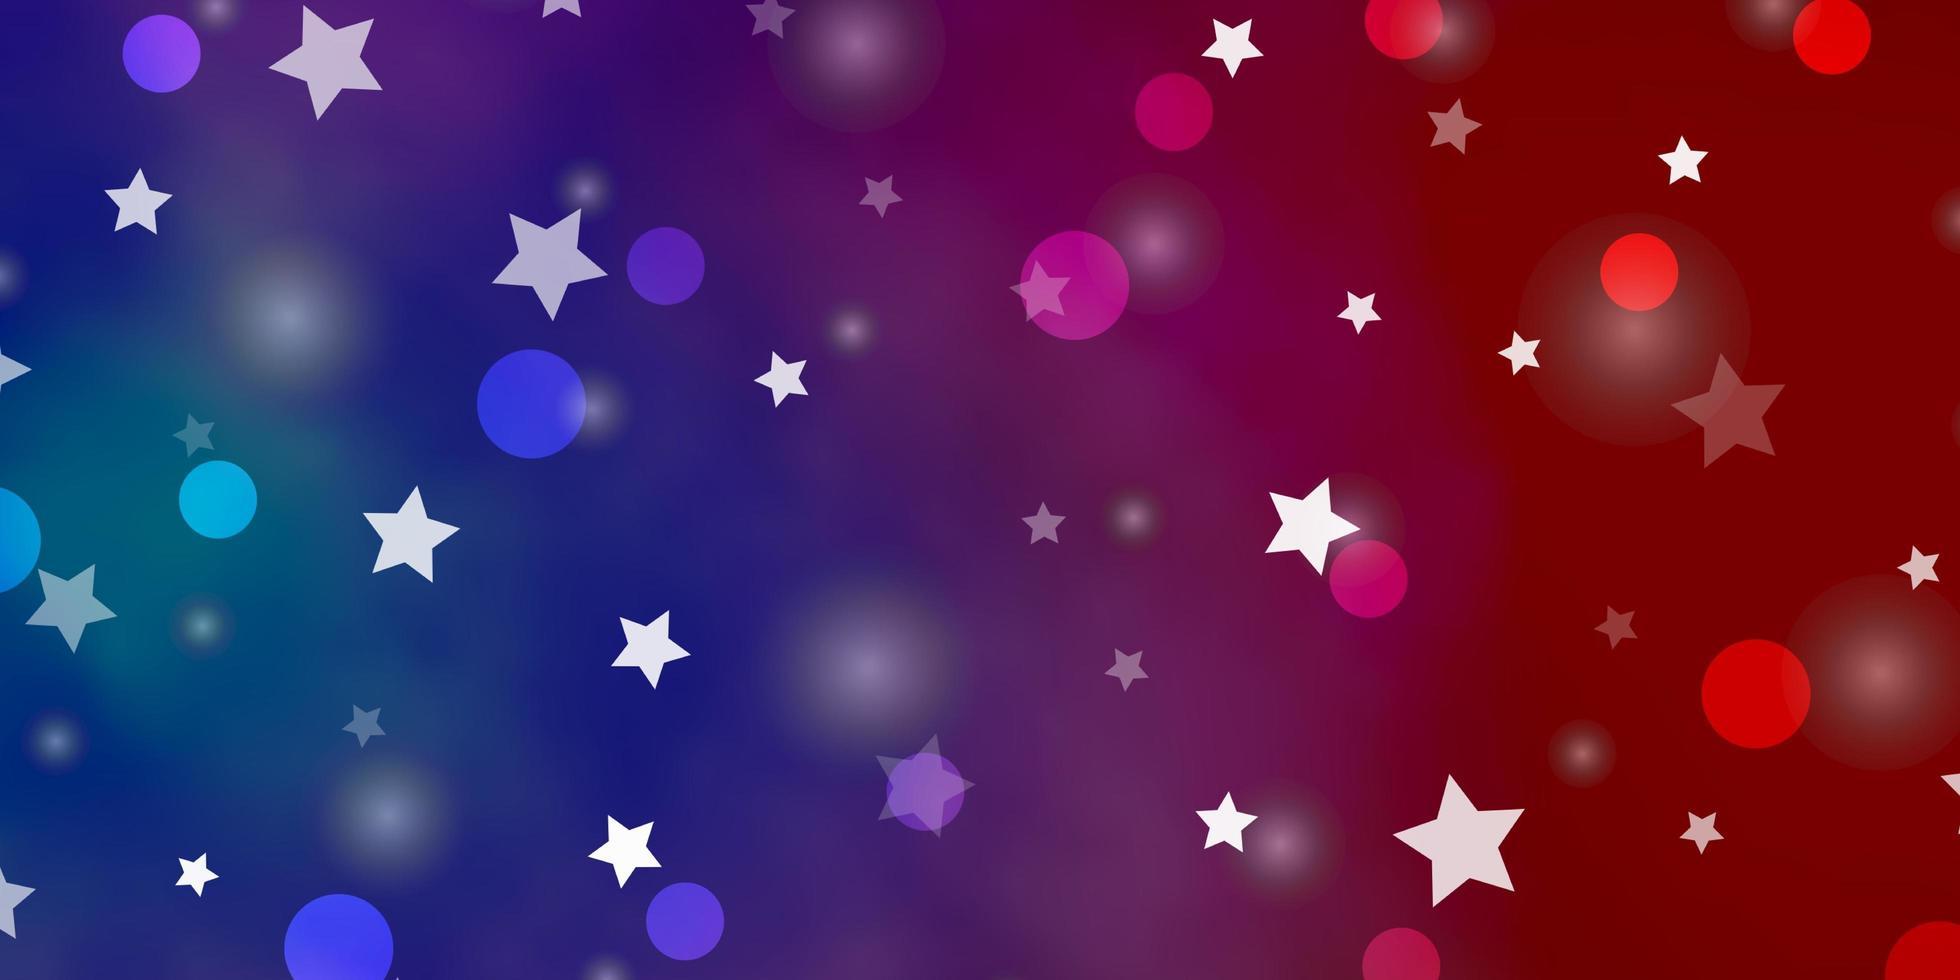 ljusblå, röd konsistens med cirklar, stjärnor. vektor